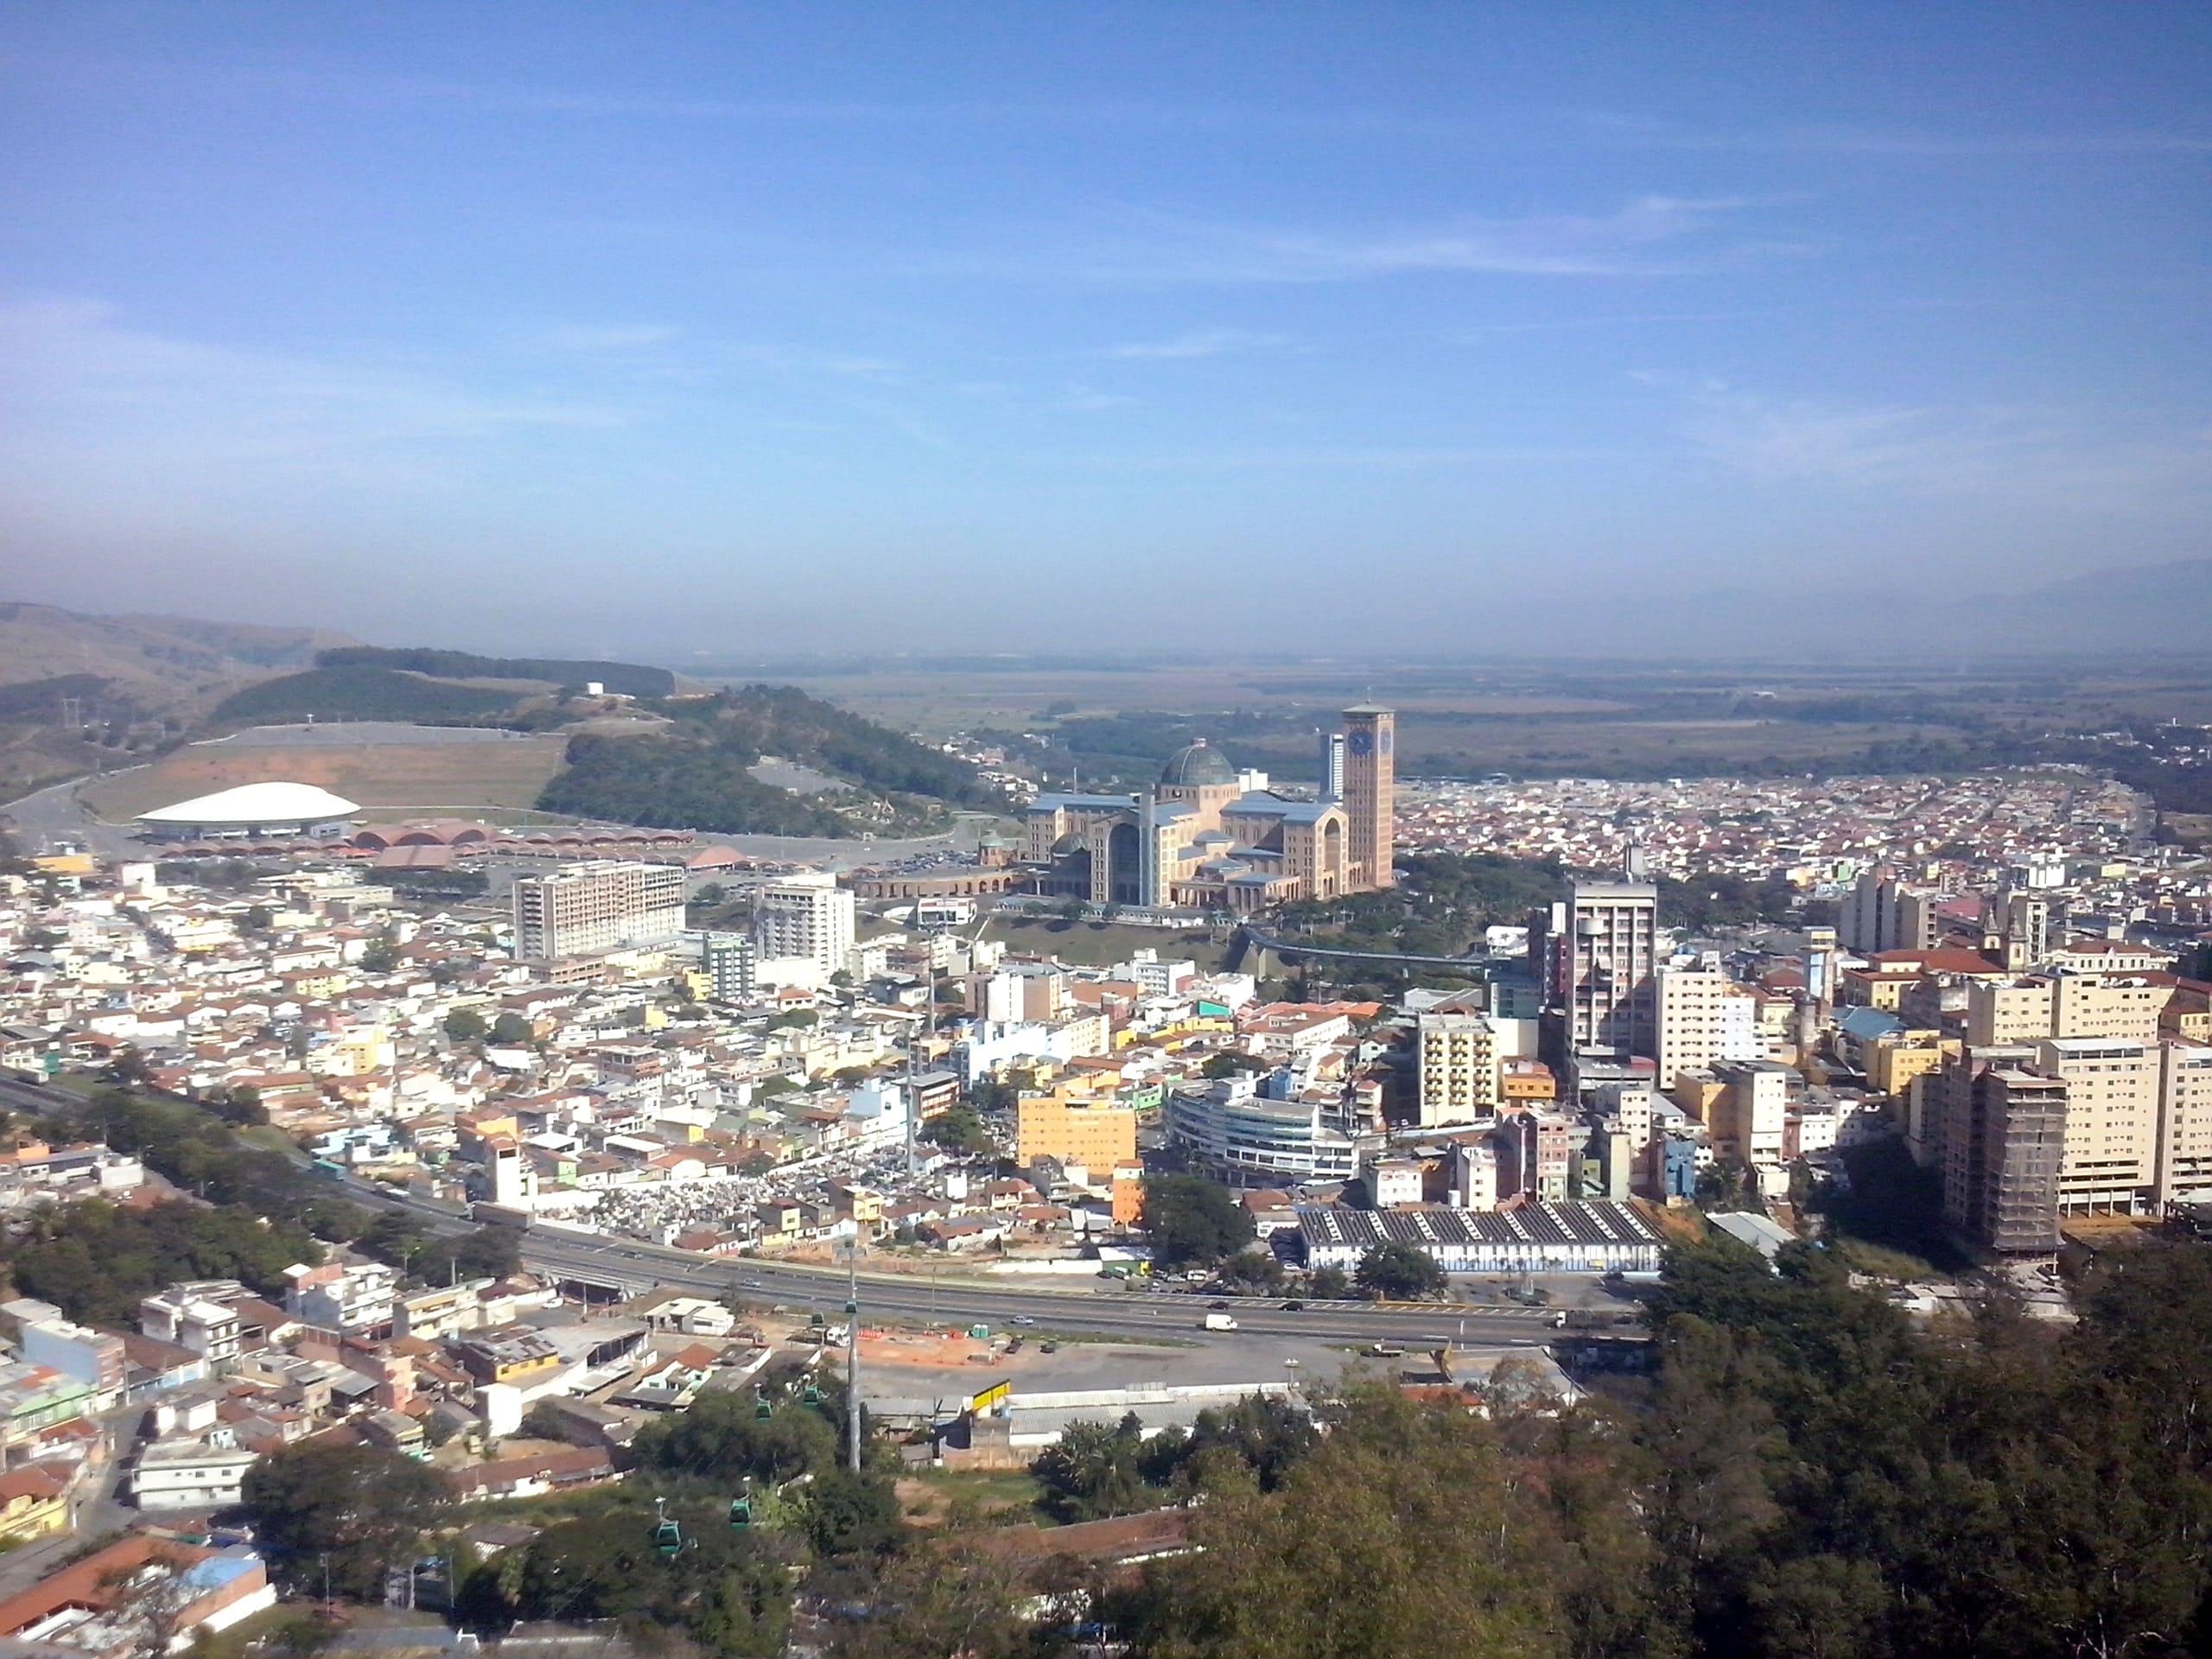 Imagem aérea da cidade para inspirar o novo empreendedor a abrir empresa em Aparecida